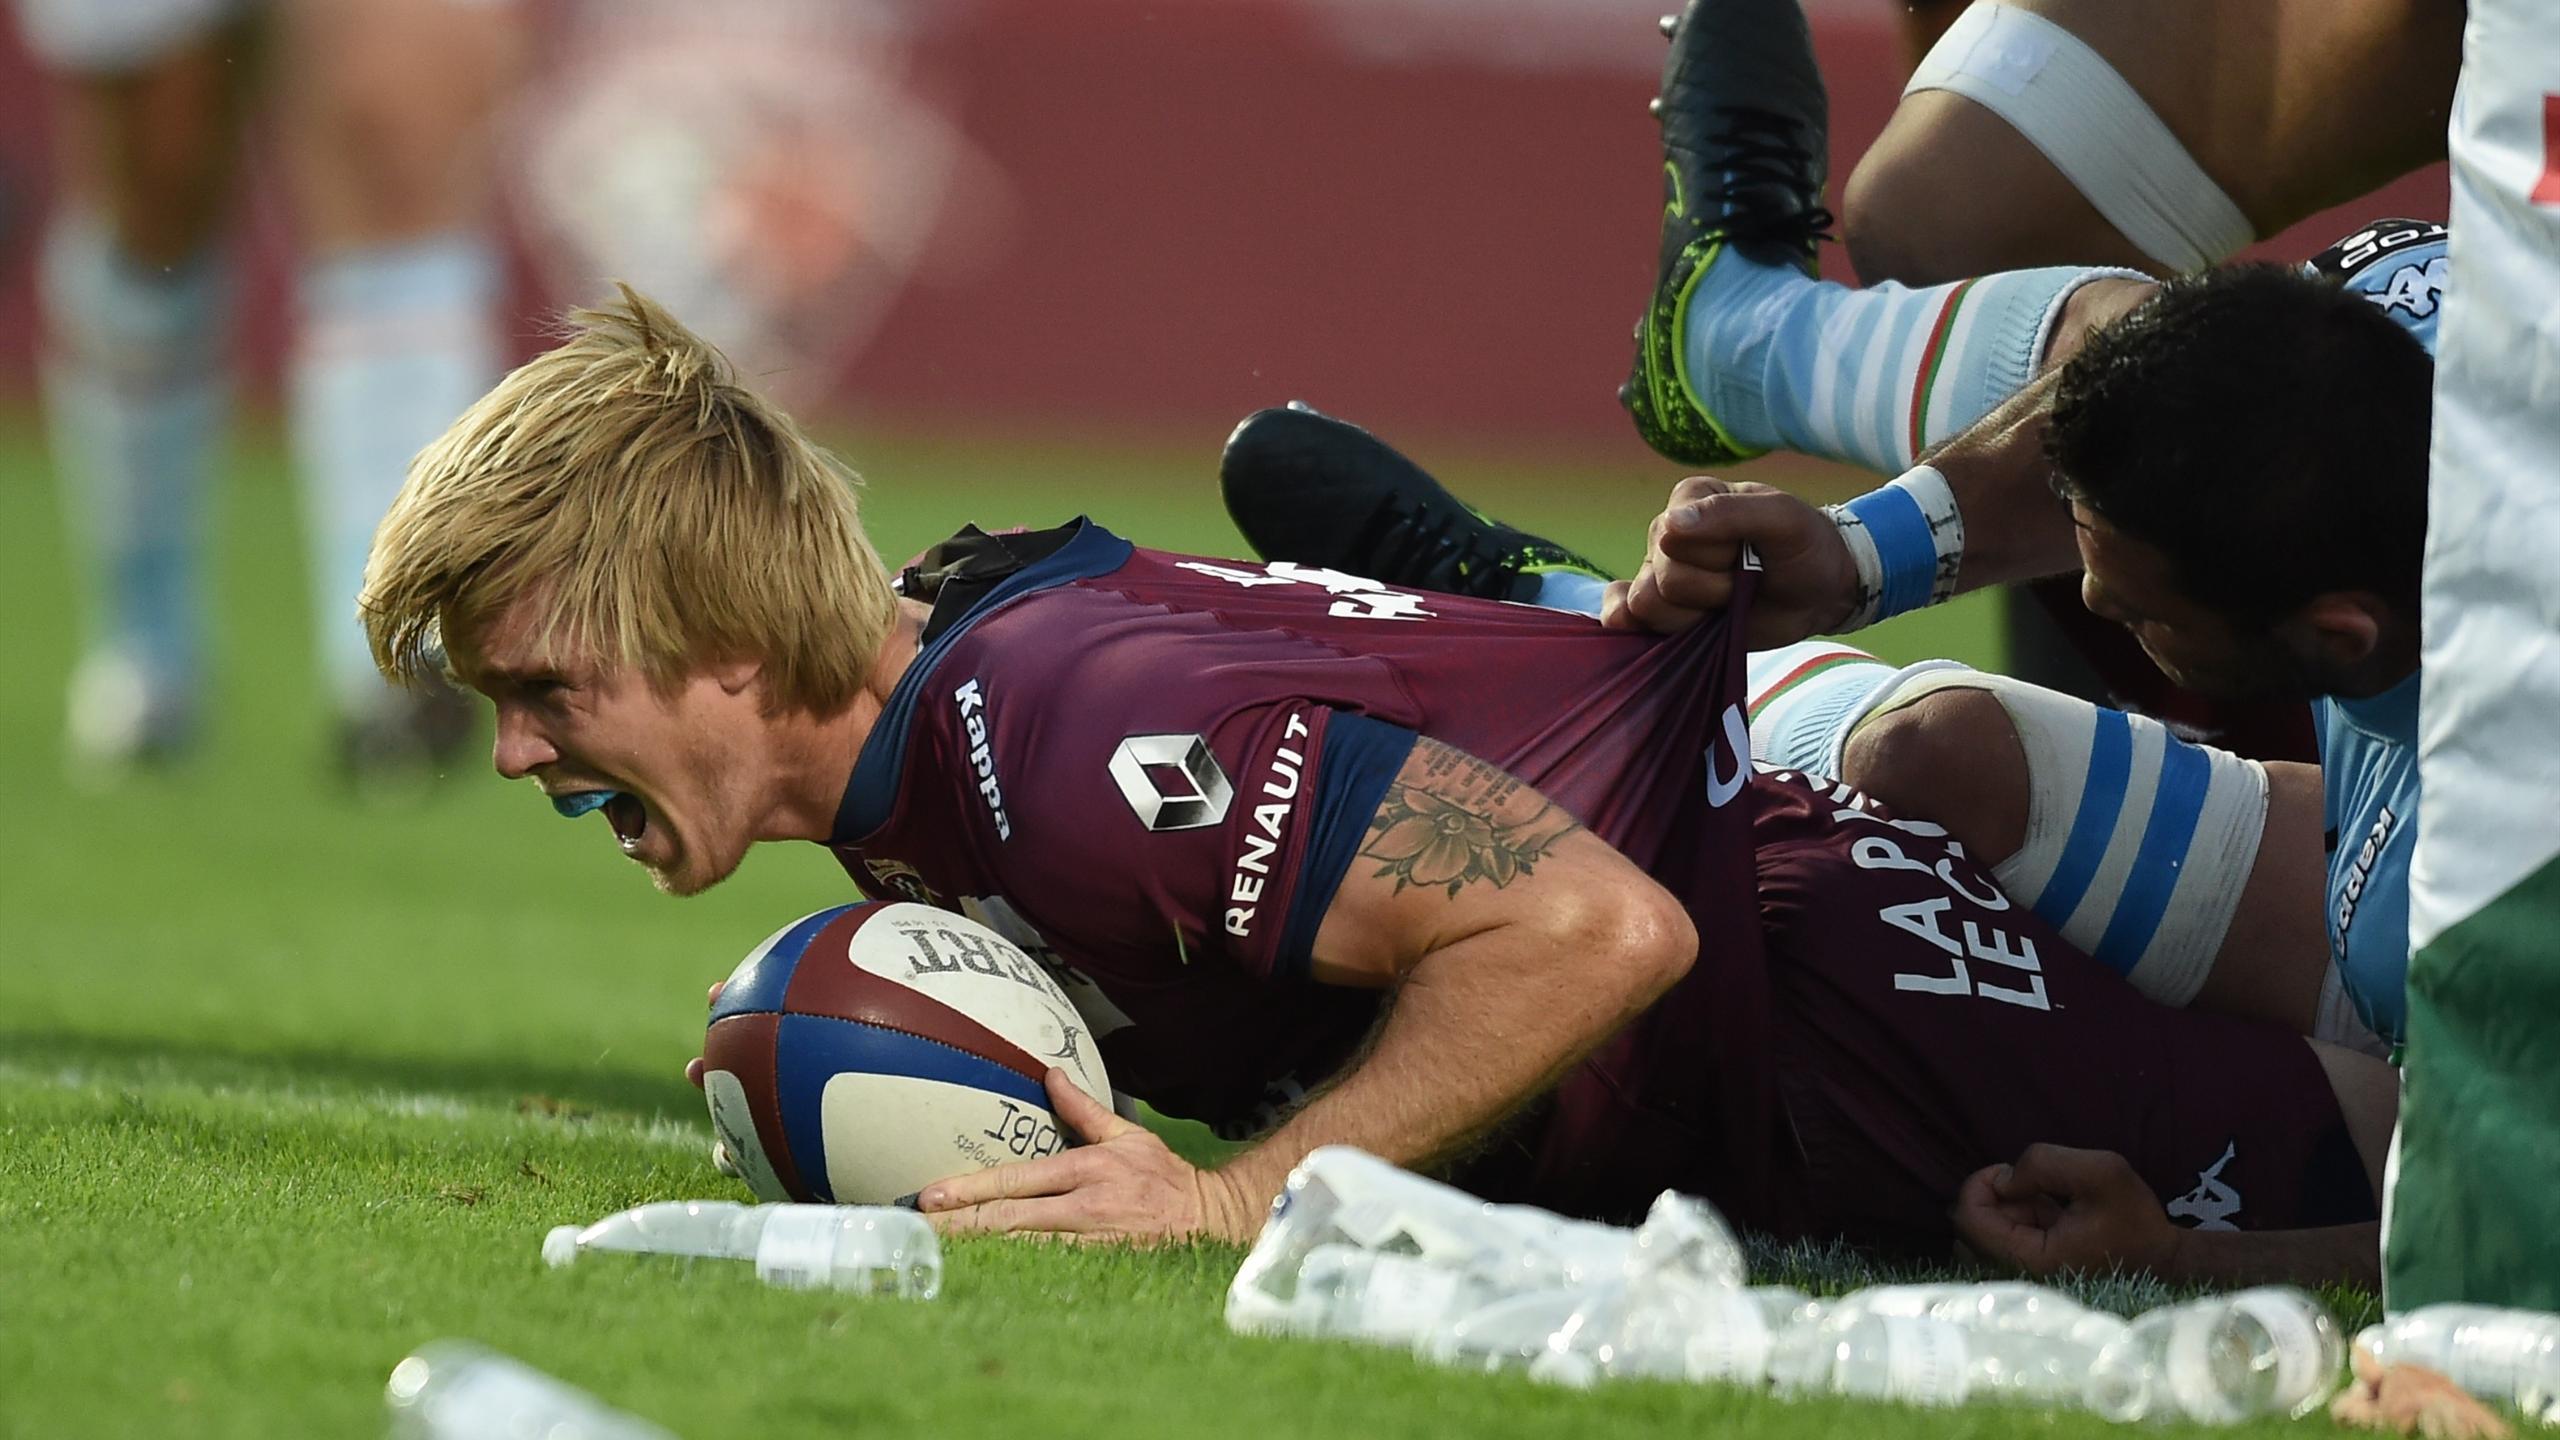 La joie de Blair Connor (Bordeaux-Bègles) lors de son essai contre Bayonne - 10 septembre 2016